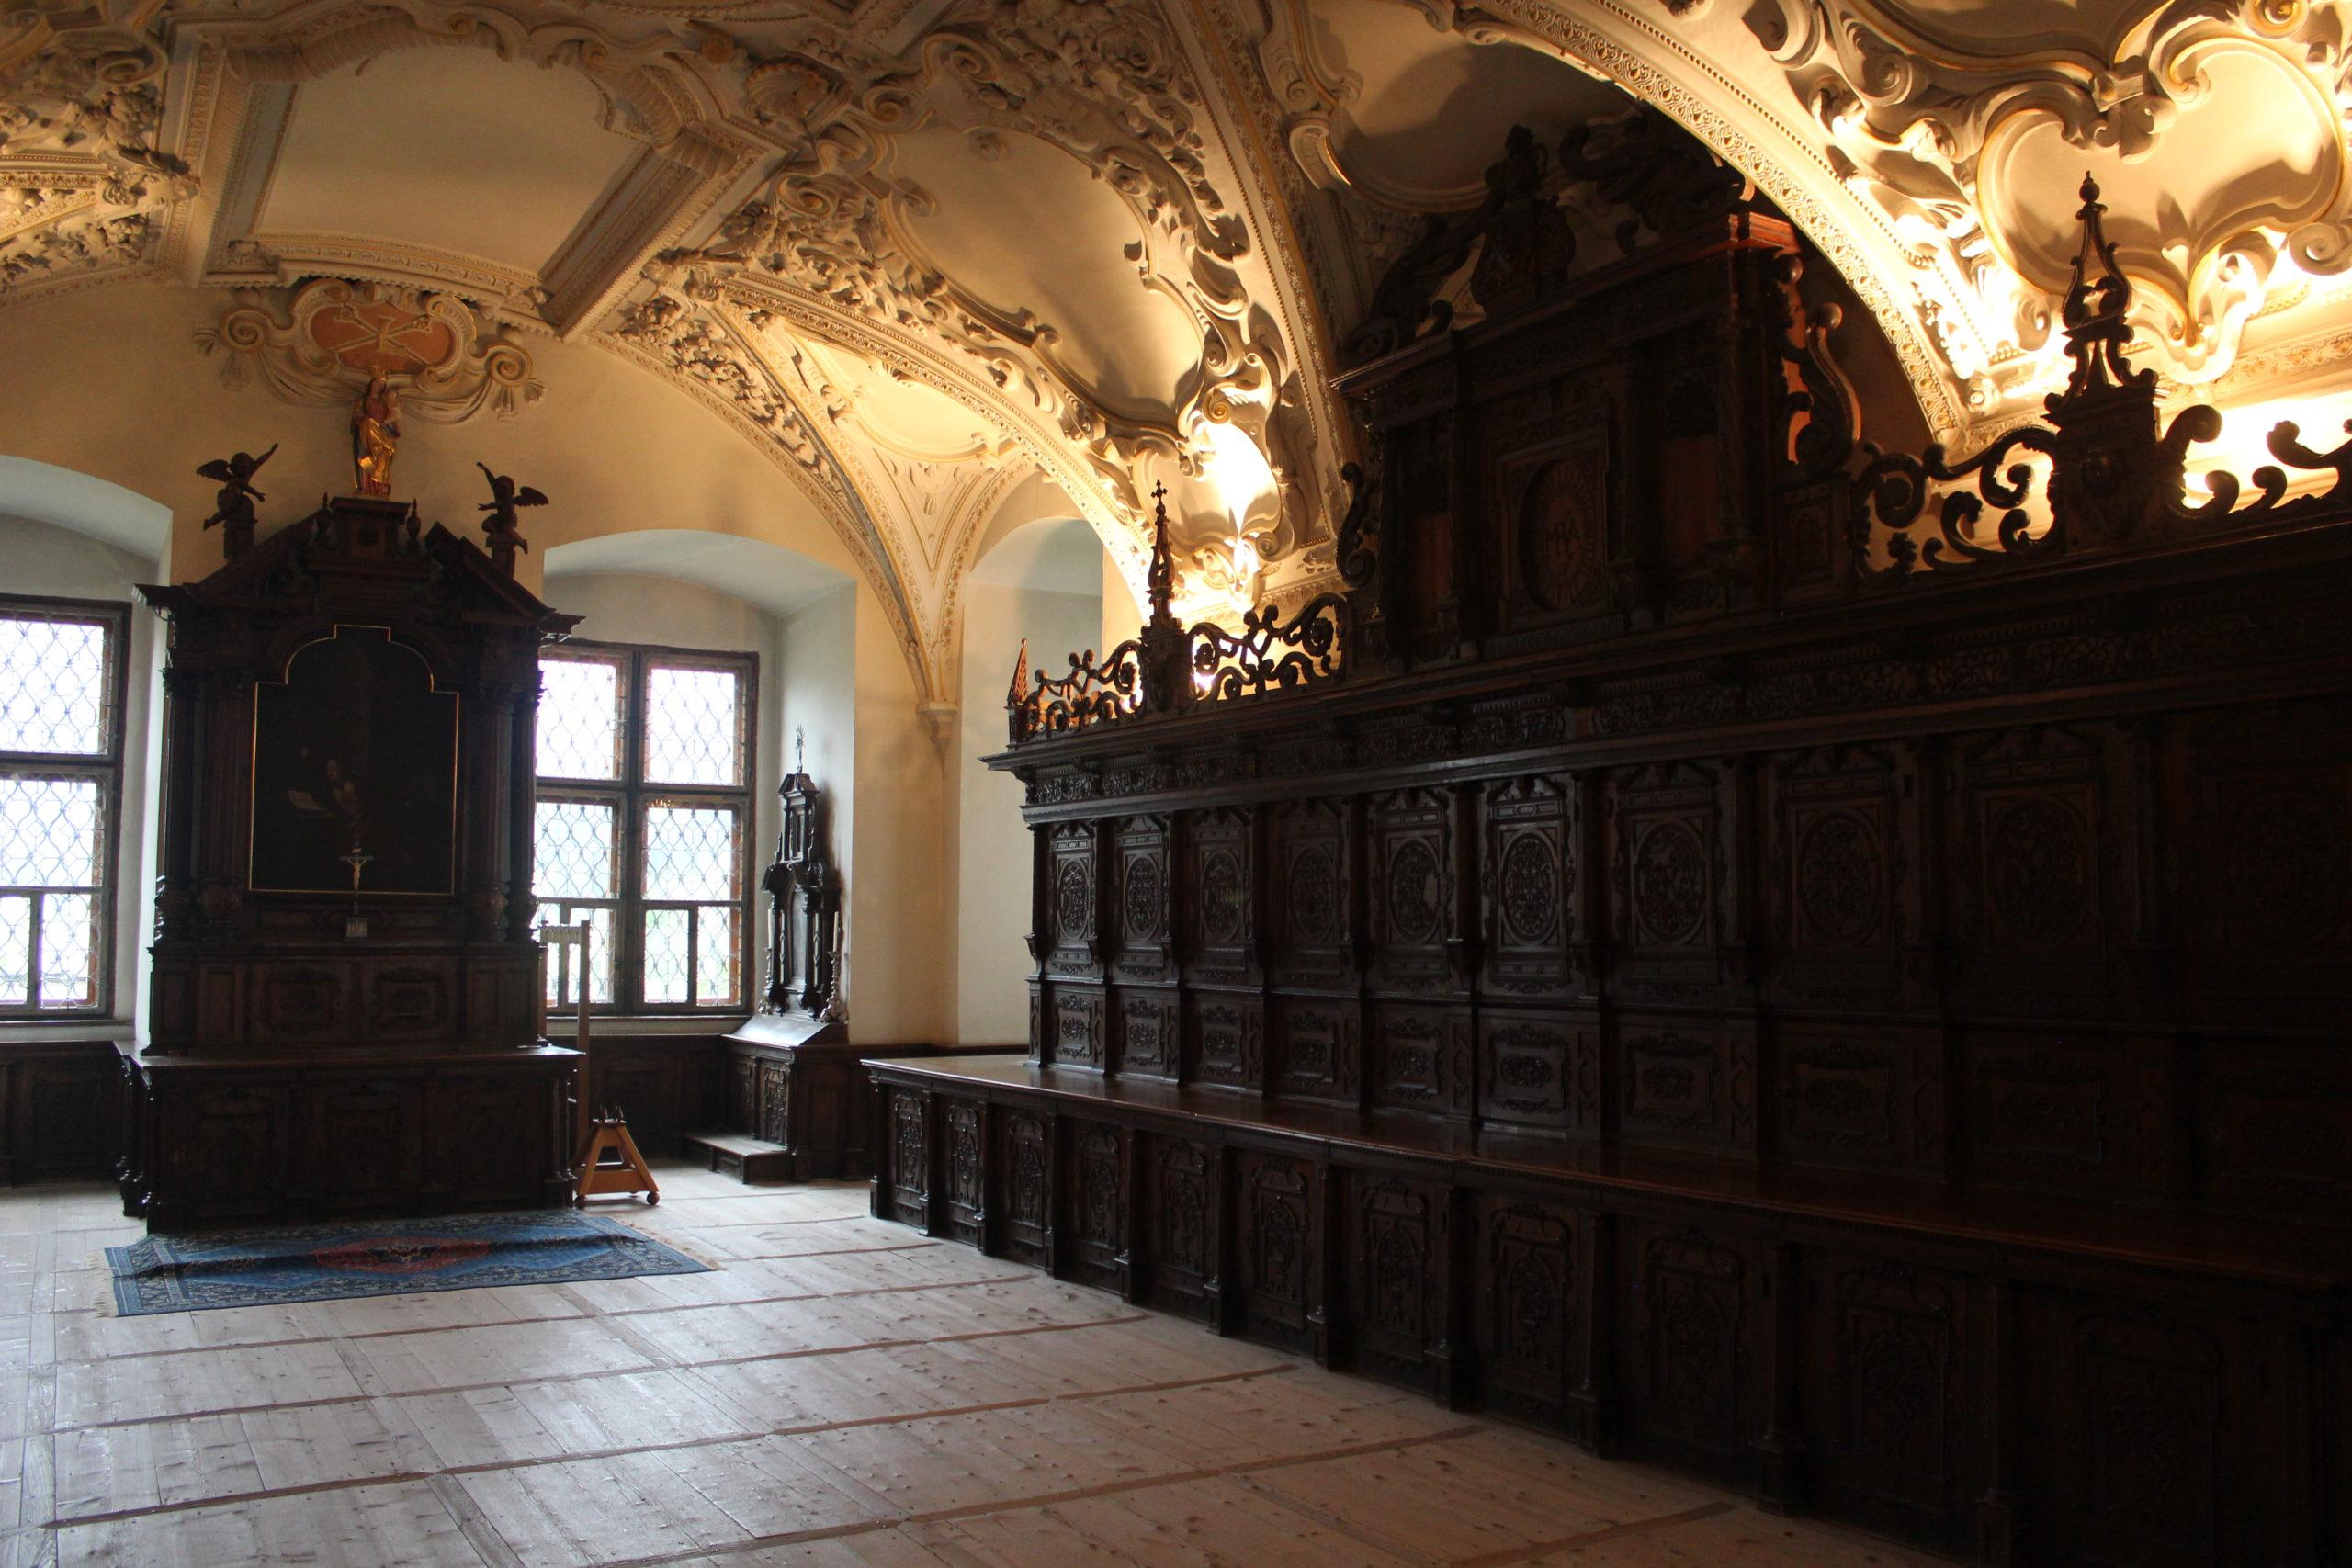 Sakristei der Stiftskirche  ©Autorin